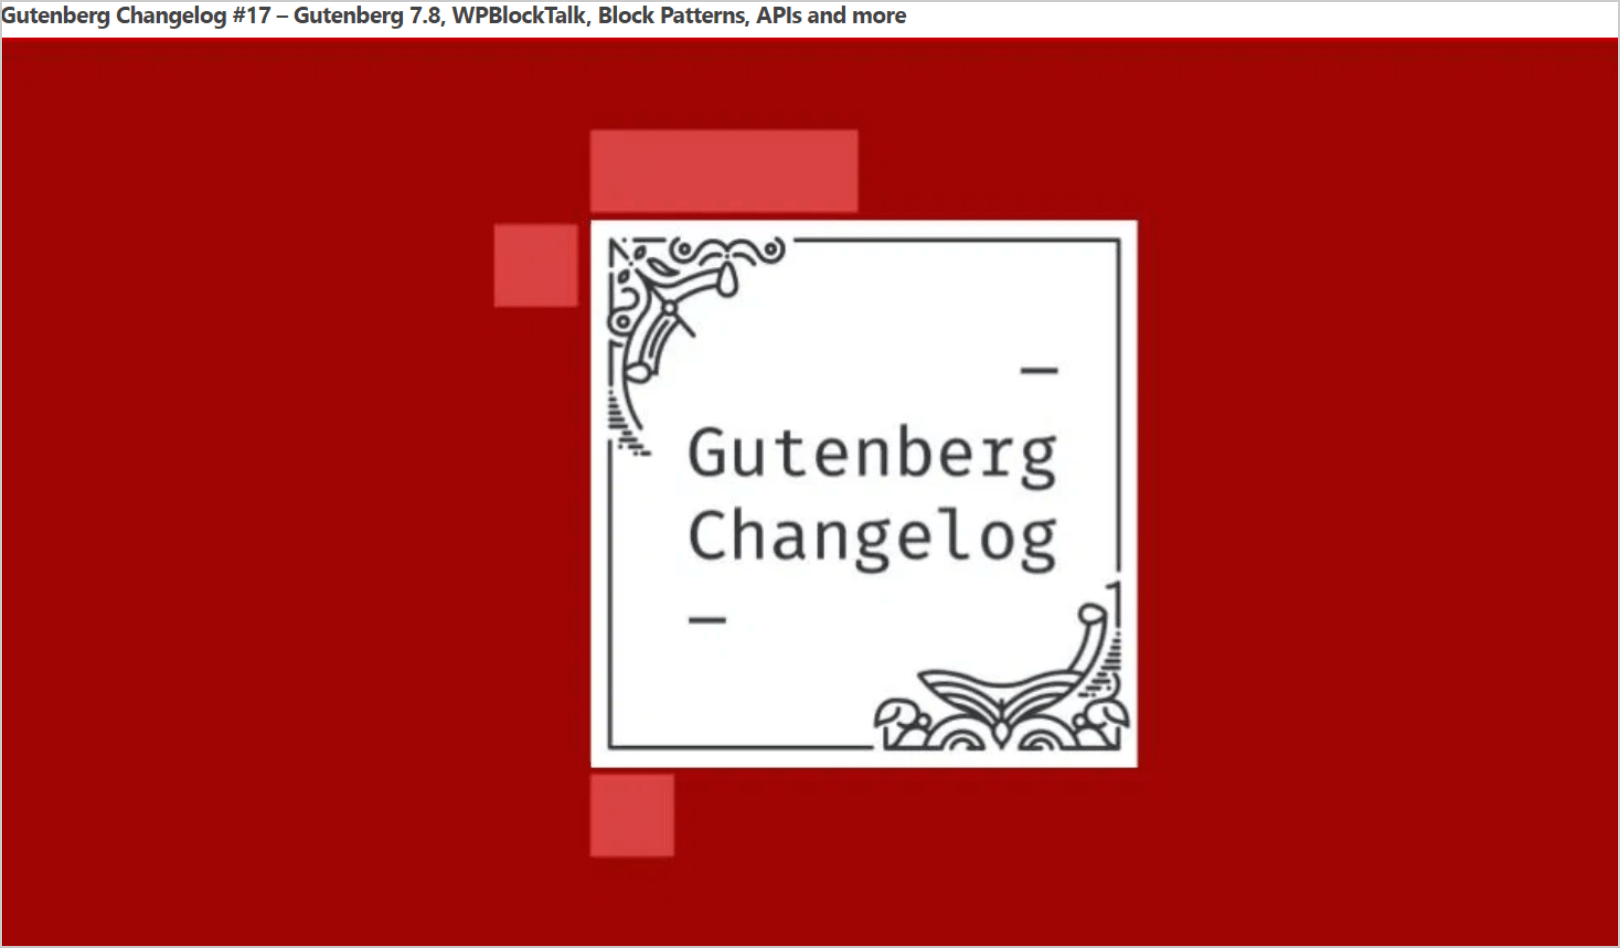 Gutenberg Changelog